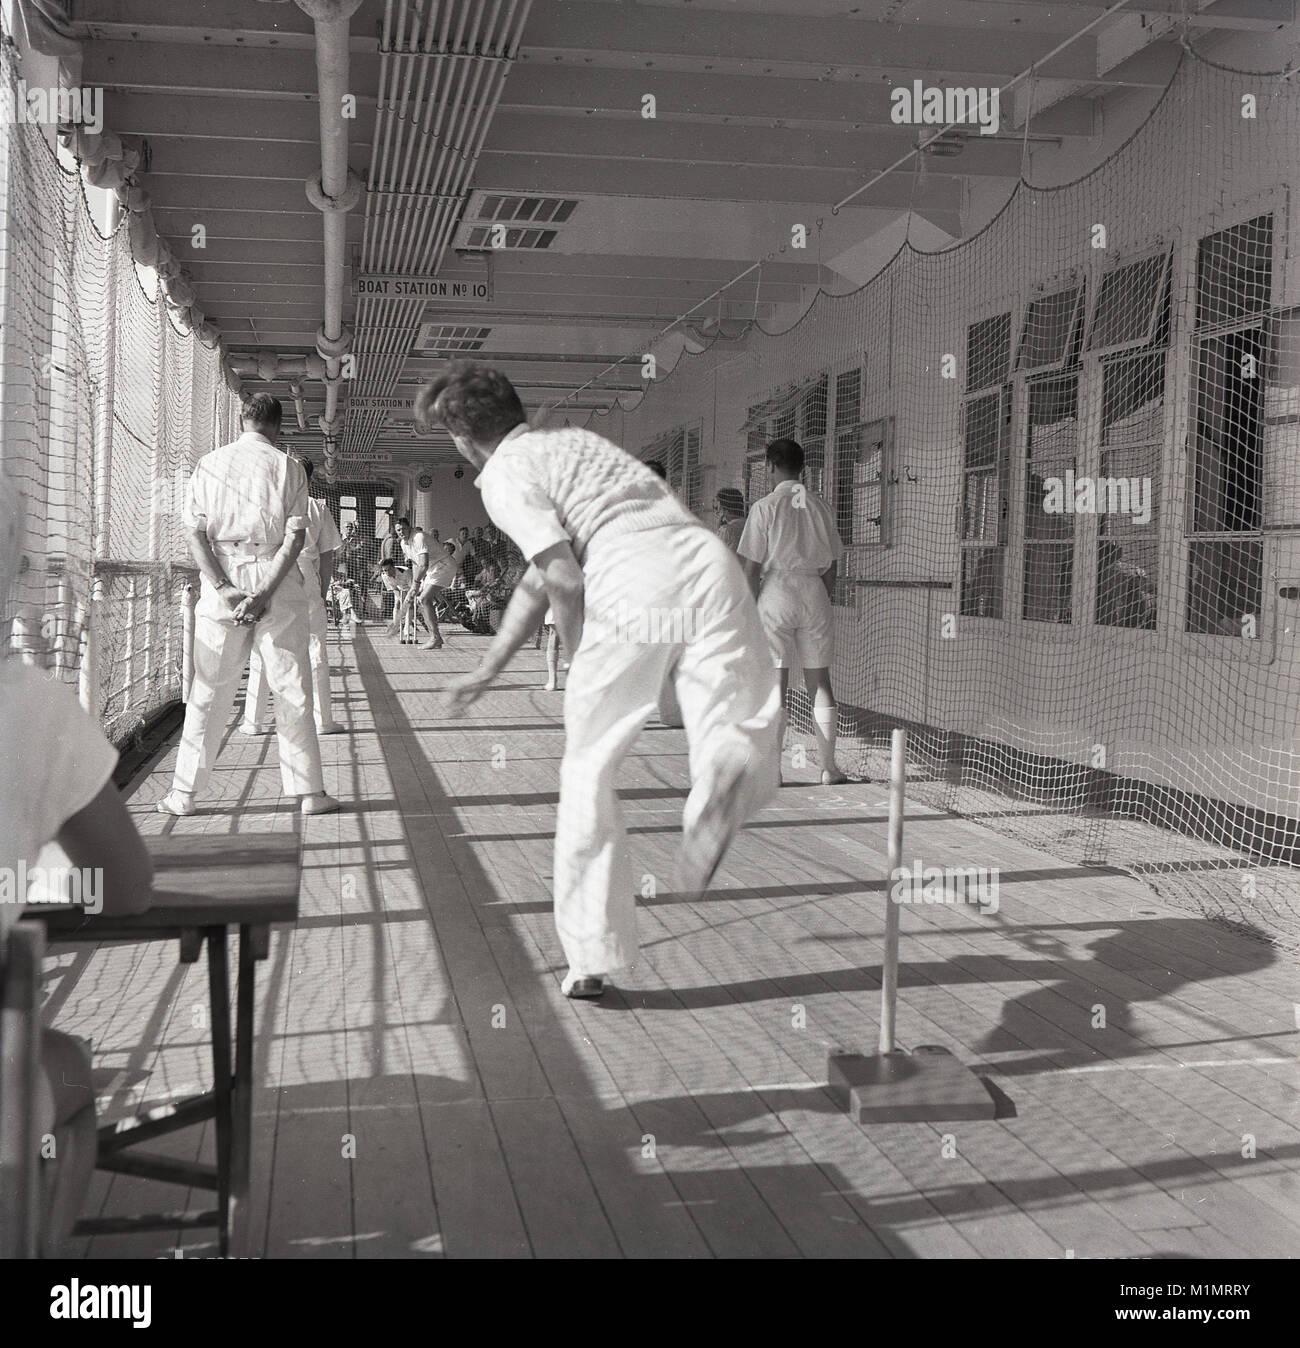 Années 1950, historiques, homme les passagers et l'équipage de jouer à un jeu de cricket de pont. Photo Stock